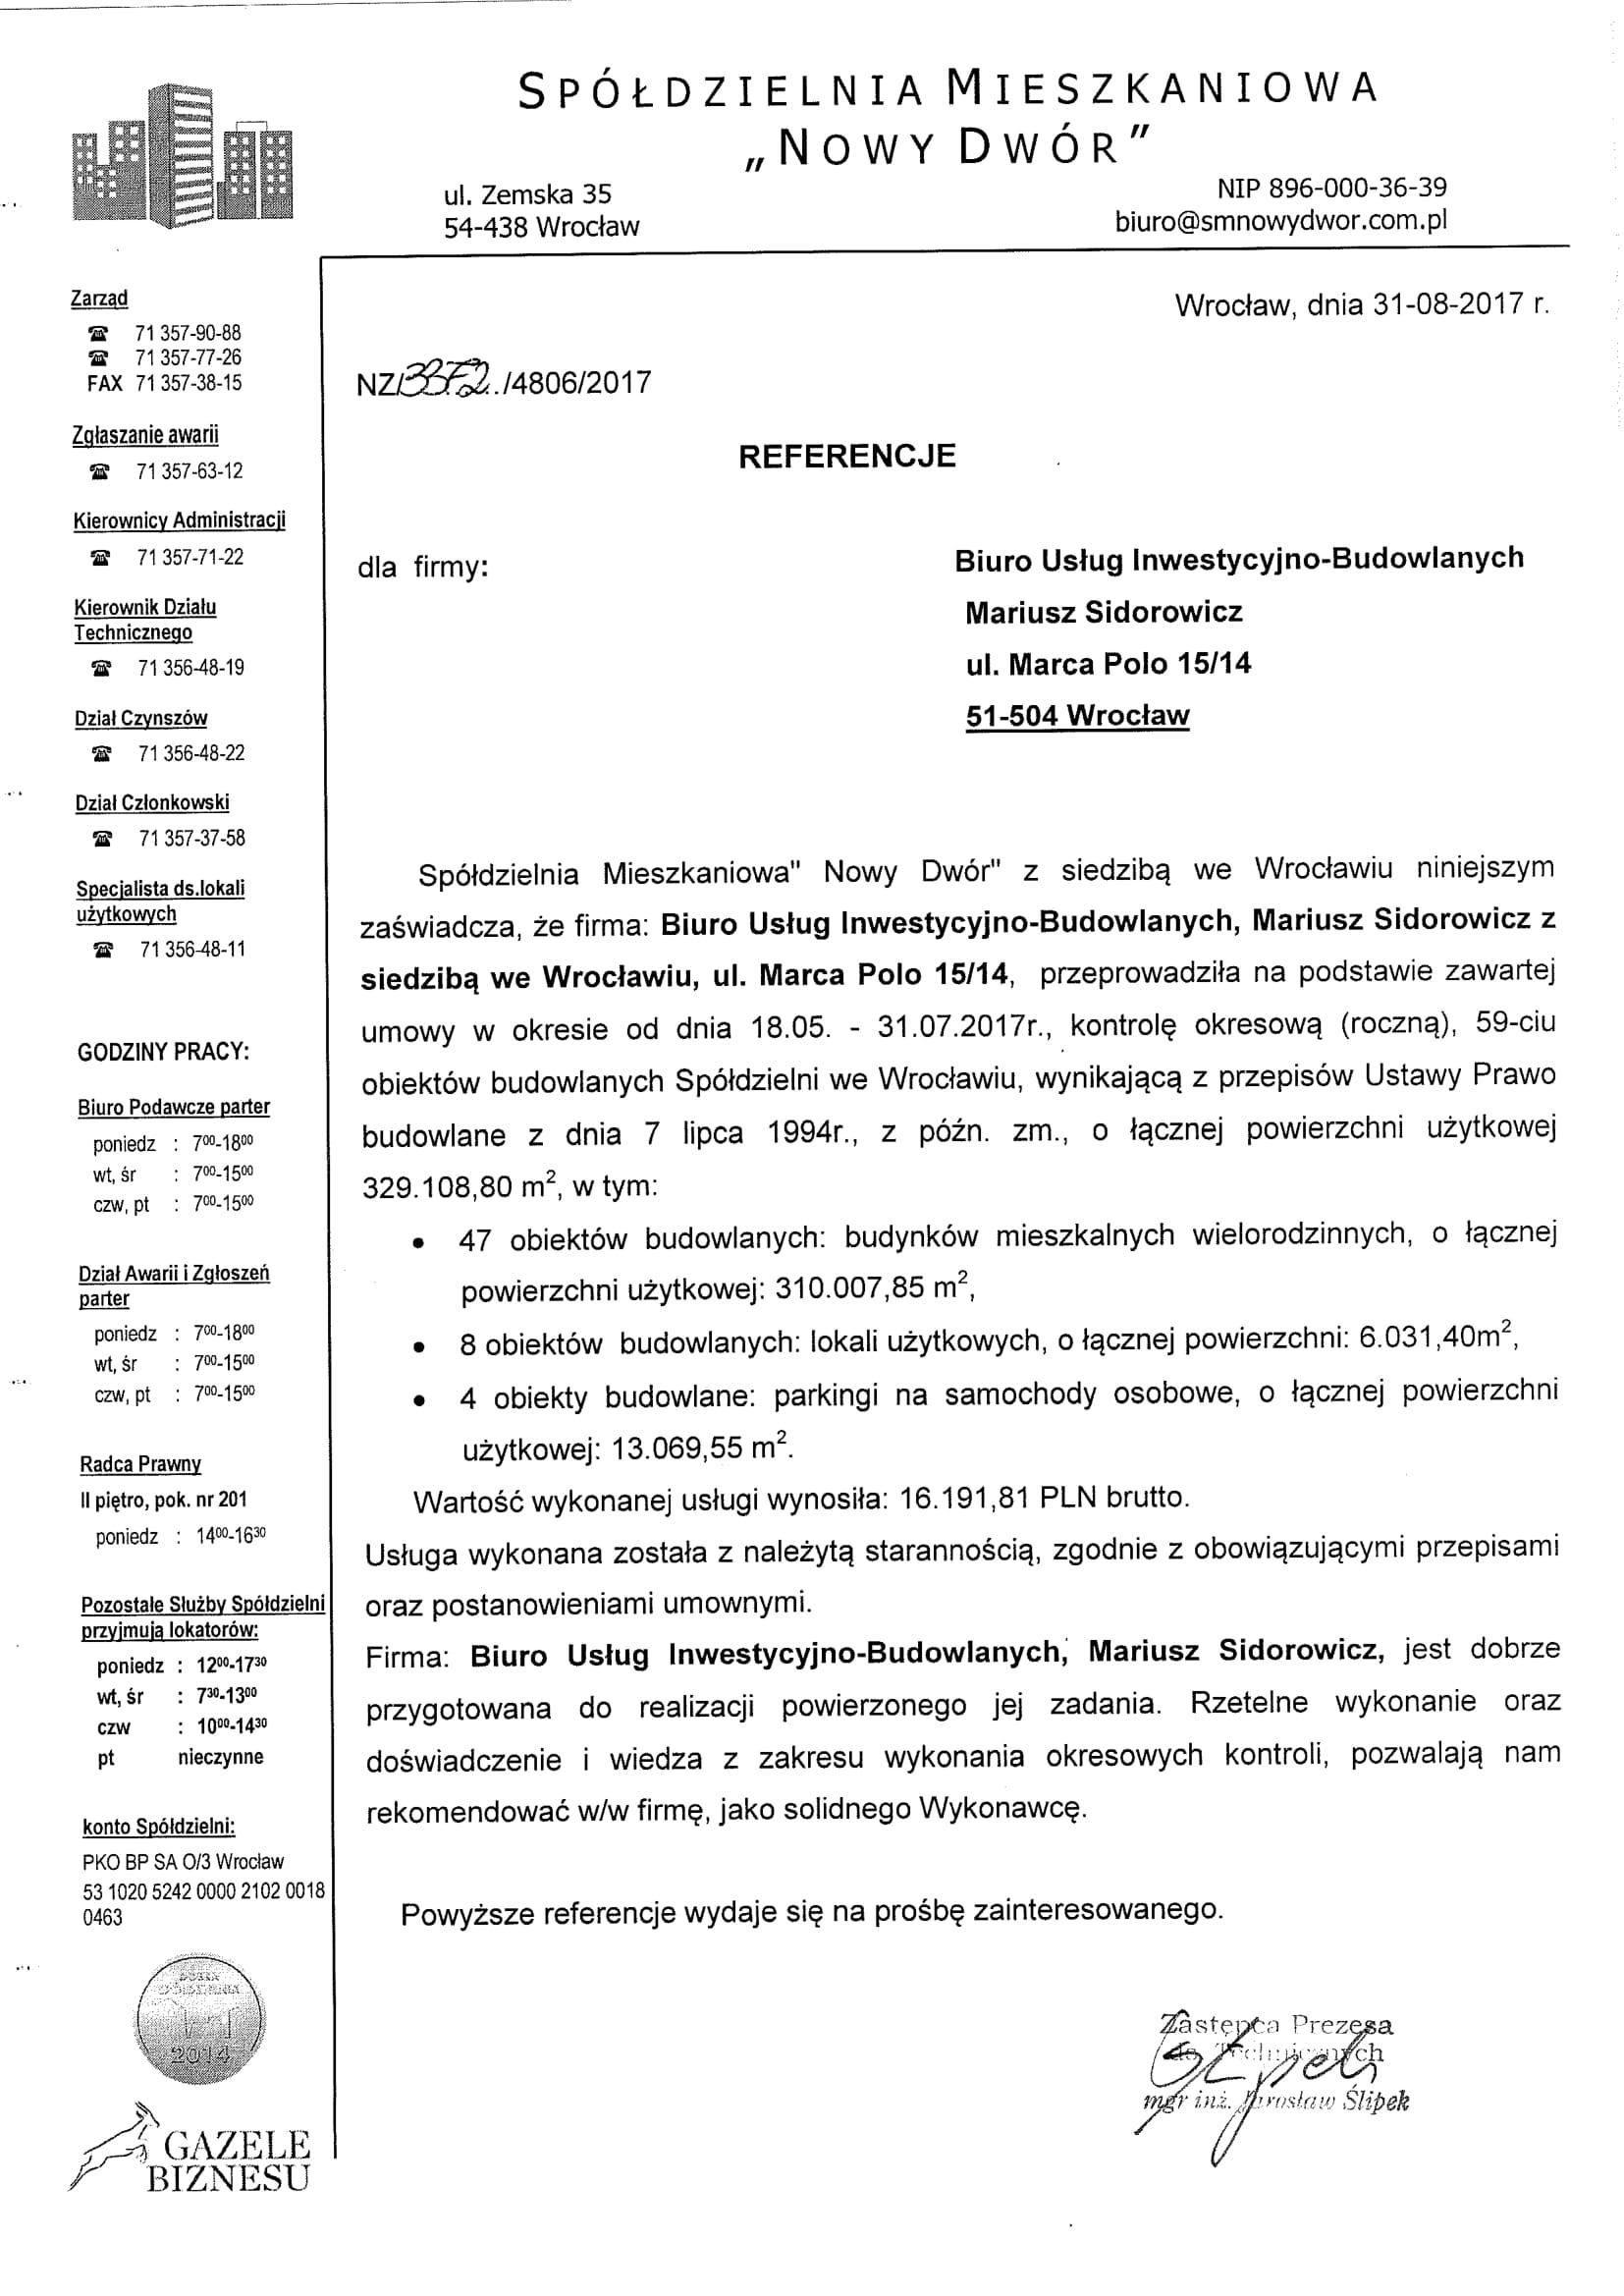 referencja 2017 SM Nowy Dwór